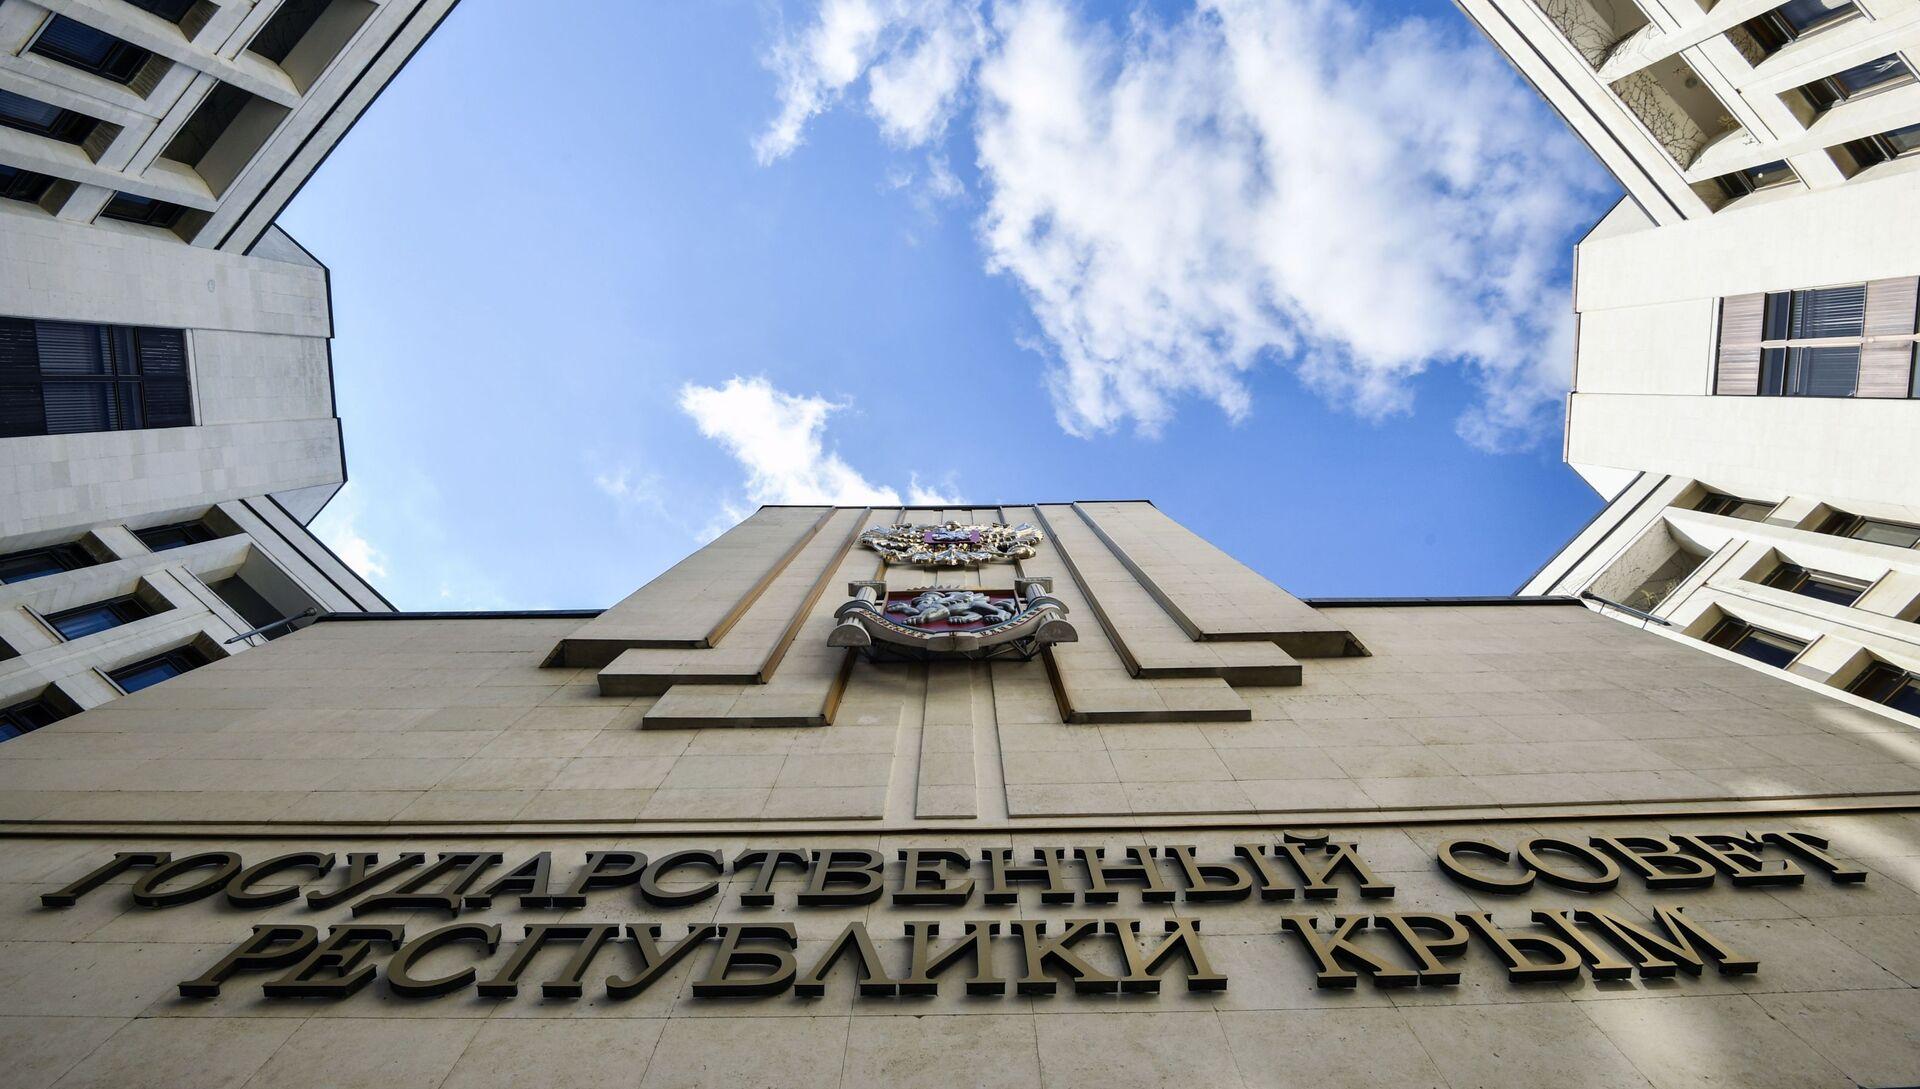 Здание Государственного совета республики Крым в Симферополе. - РИА Новости, 1920, 24.03.2021